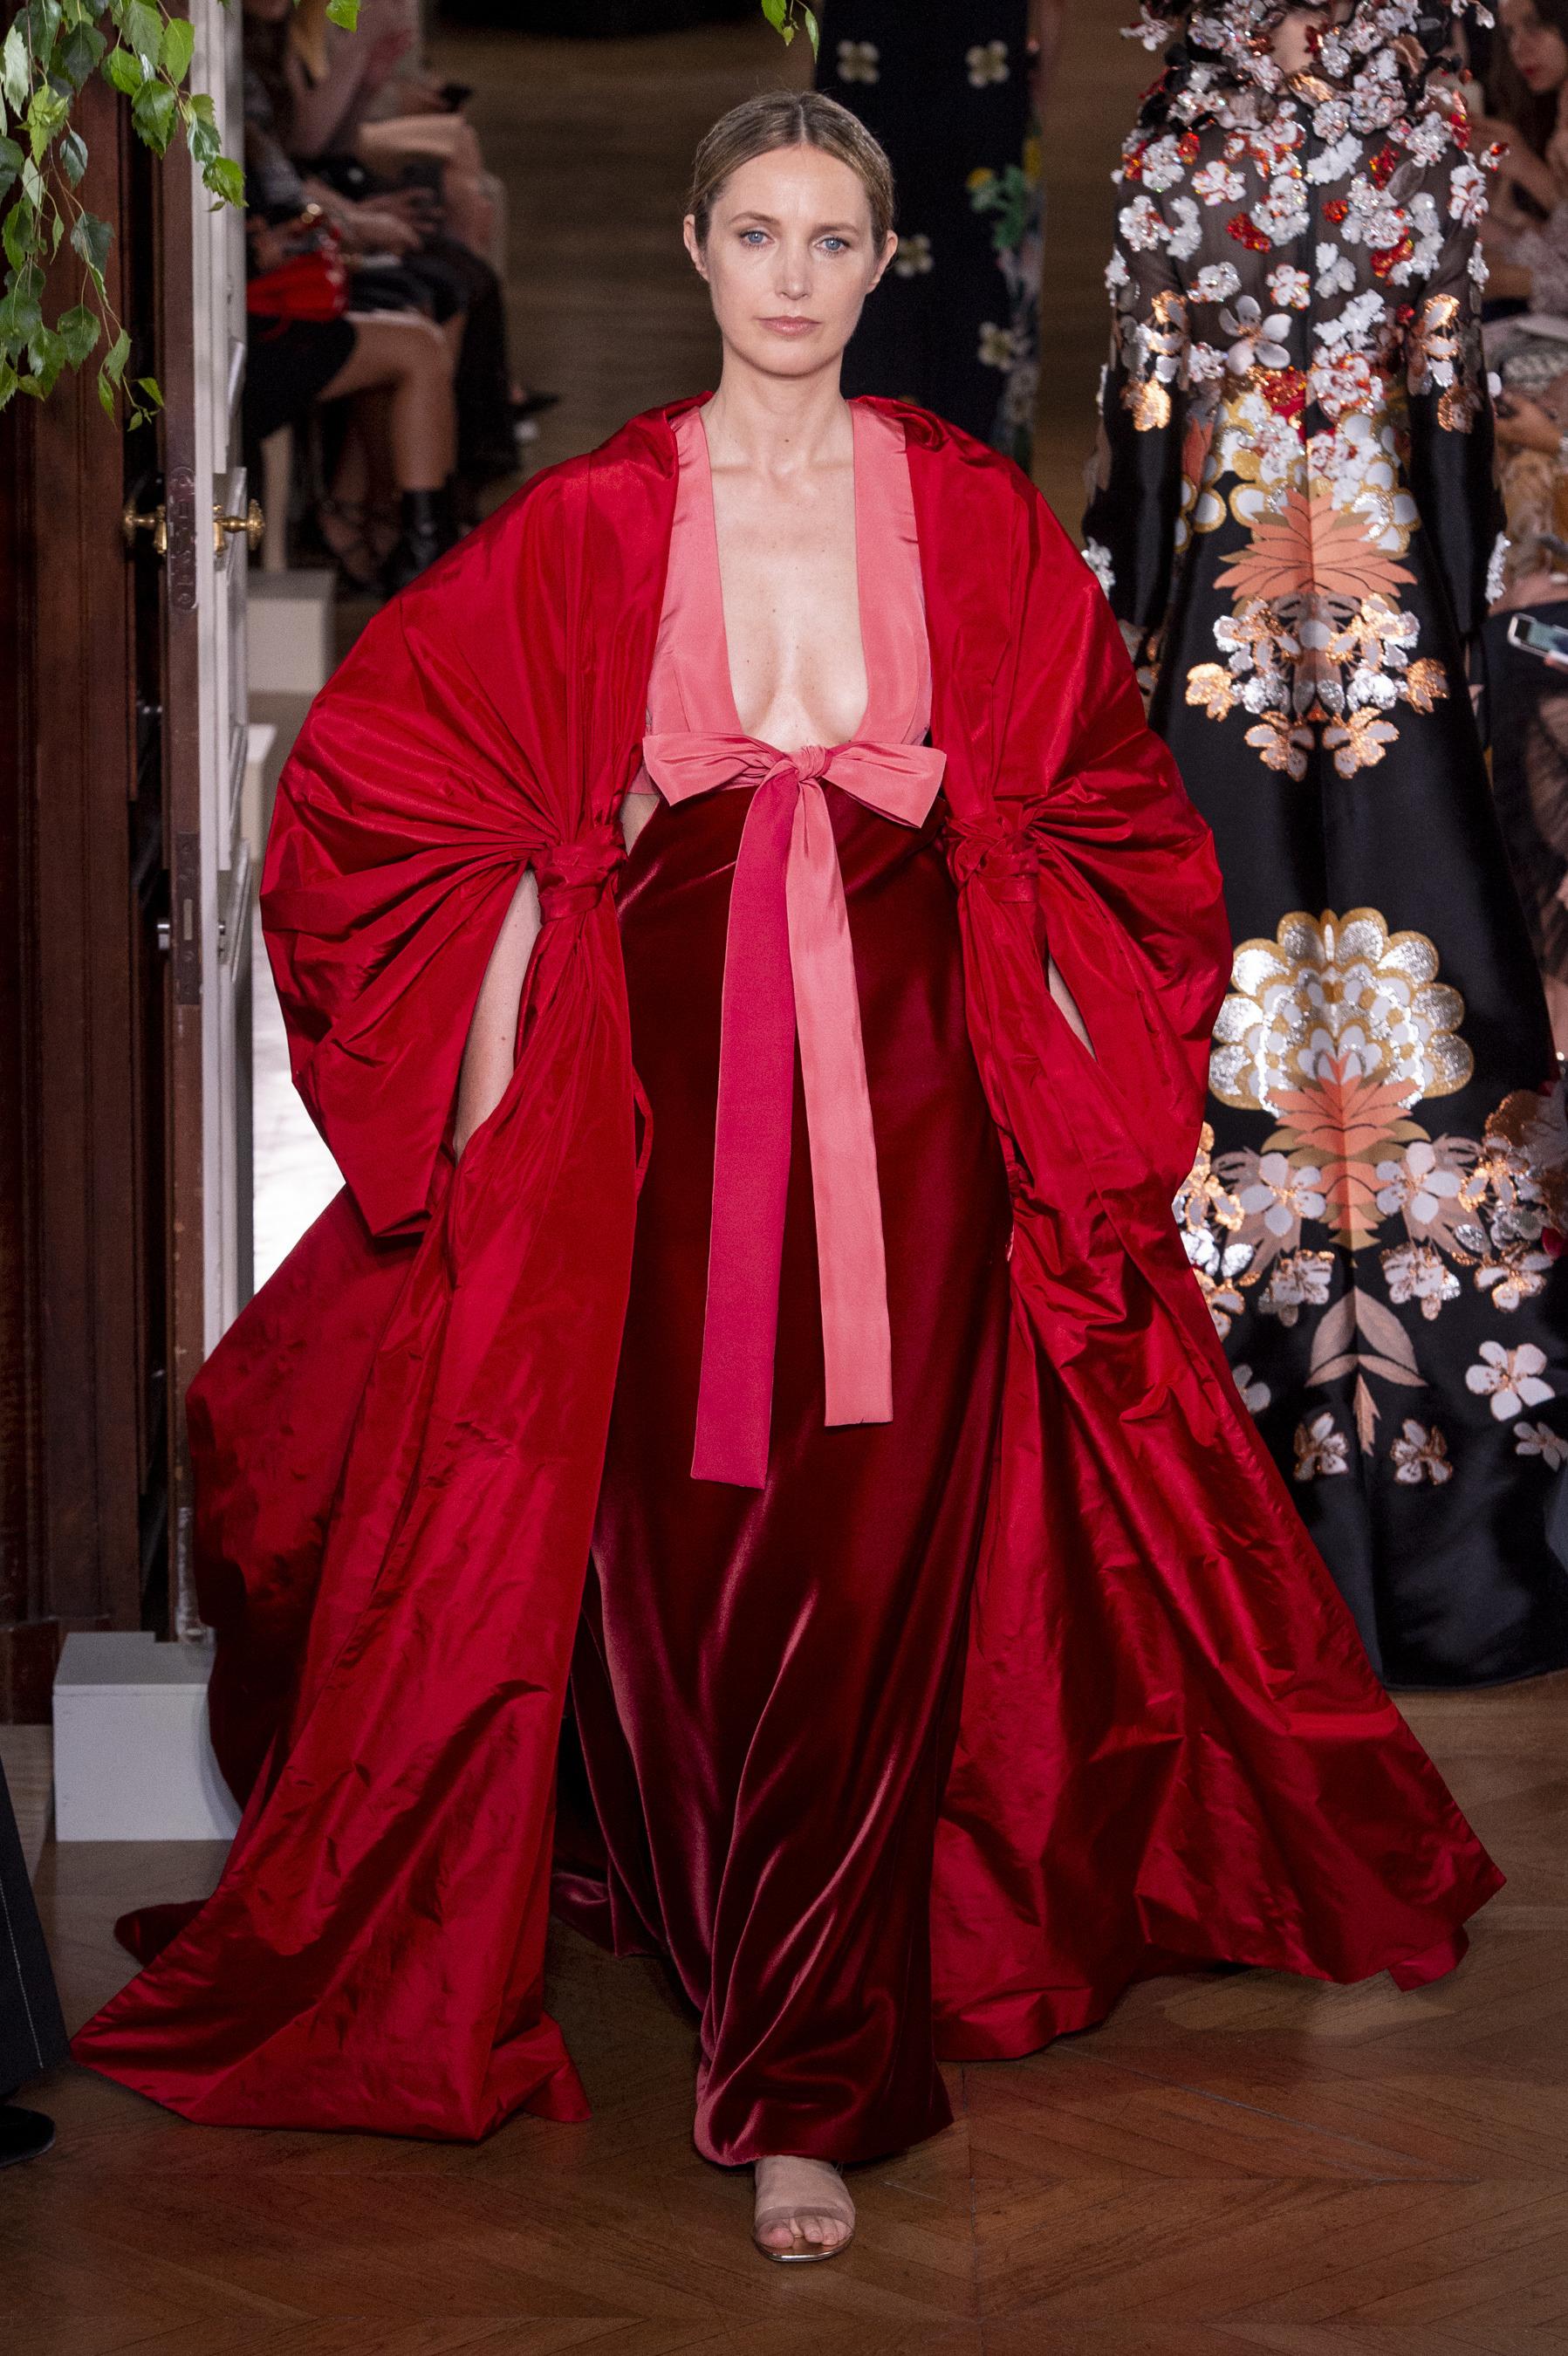 Thiết kế của Valentino trong BST Haute Couture Thu - Đông 2019/2020 trên sàn diễn Tuần lễ thời trang Paris.